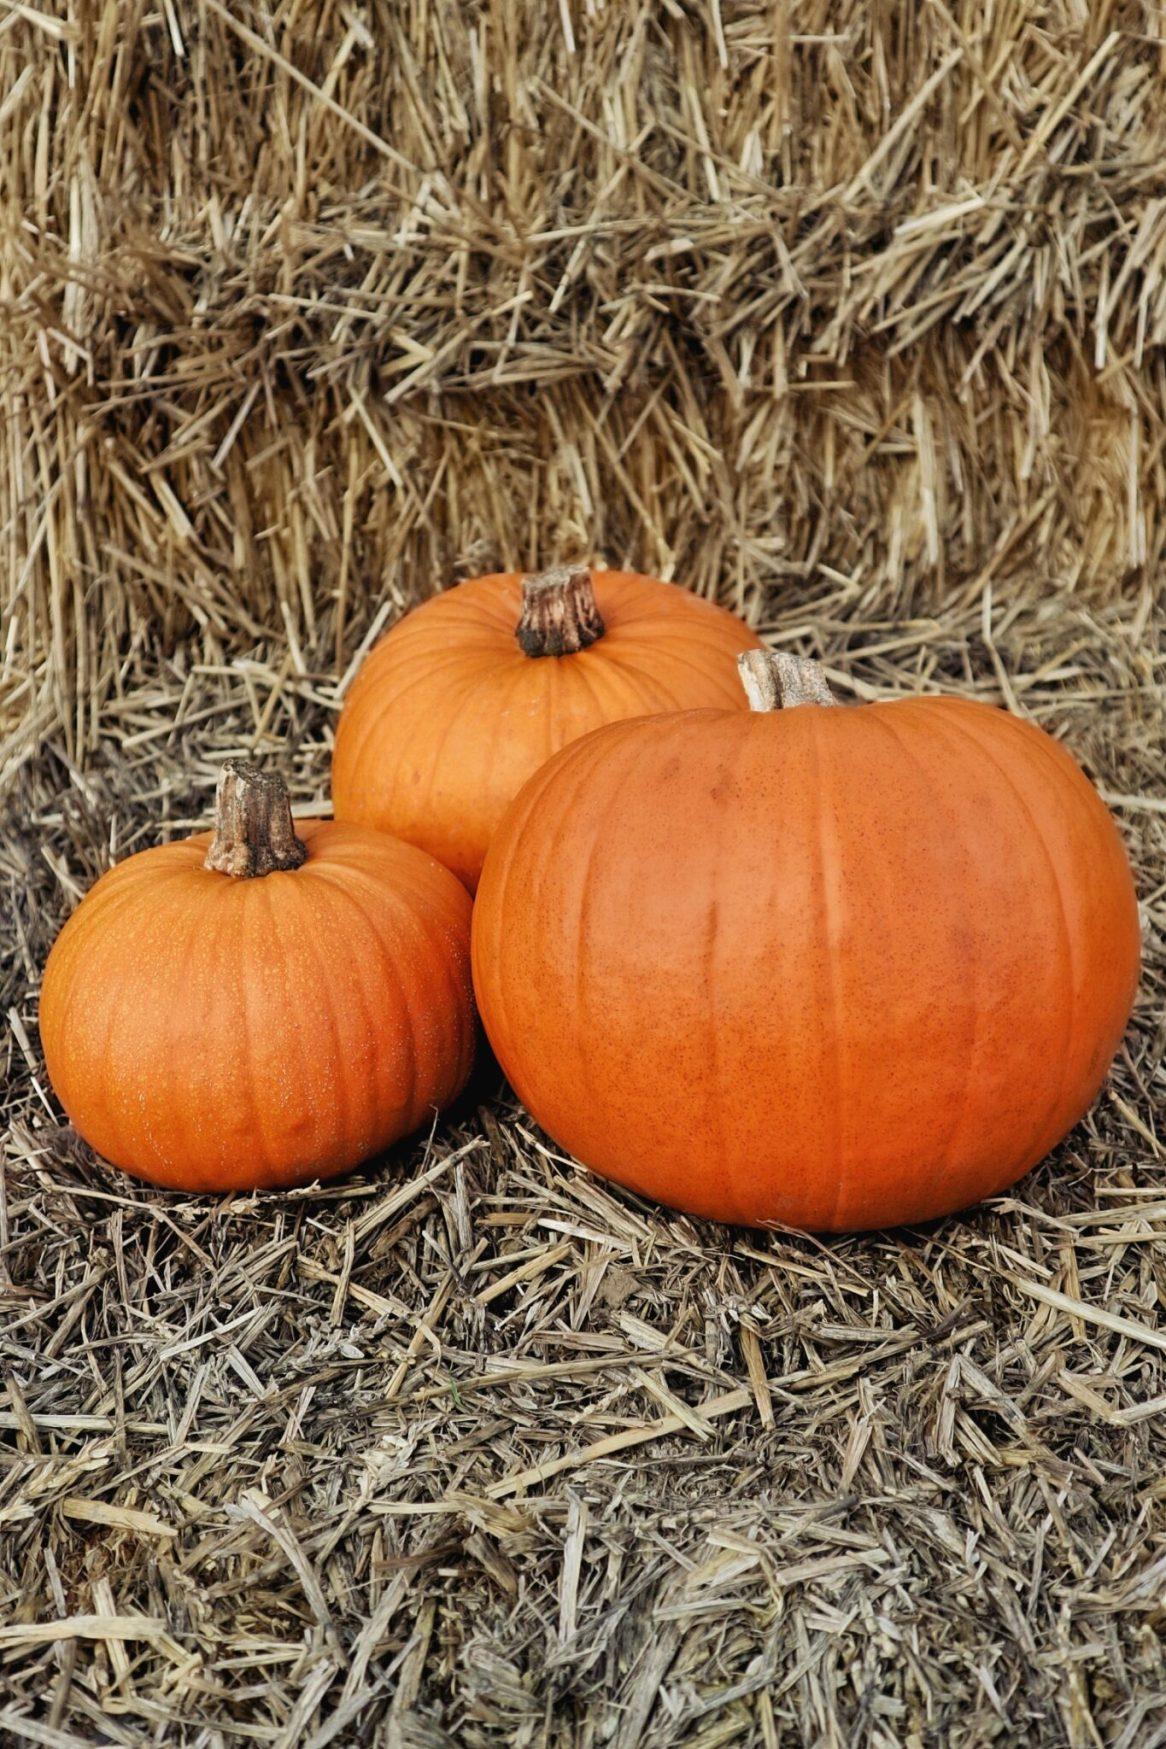 Graceful Blog classic orange pumpkins at Foxes Farm Produce Essex Pumpkin Patch